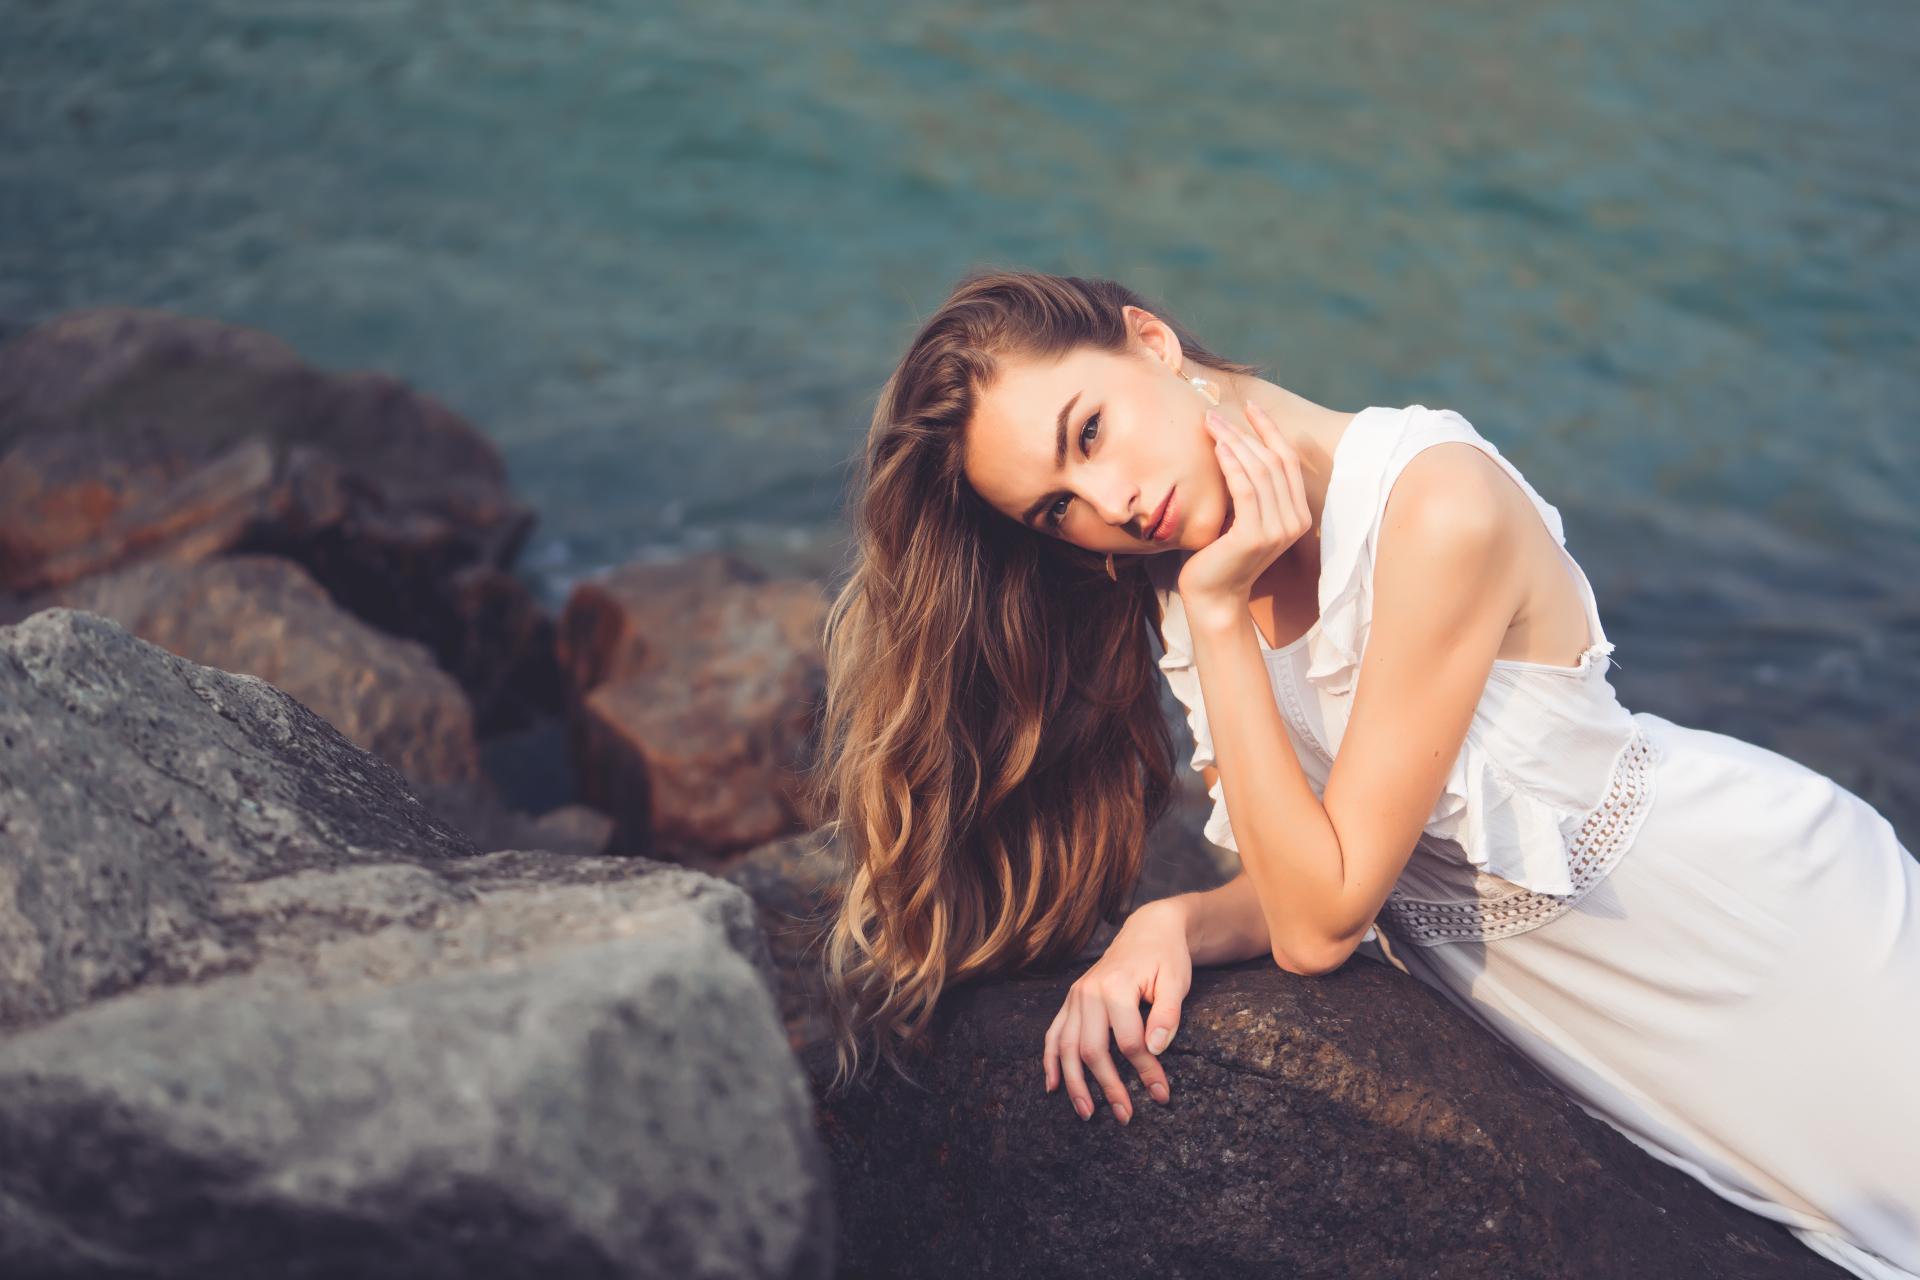 Kate Portrait @ Park Island